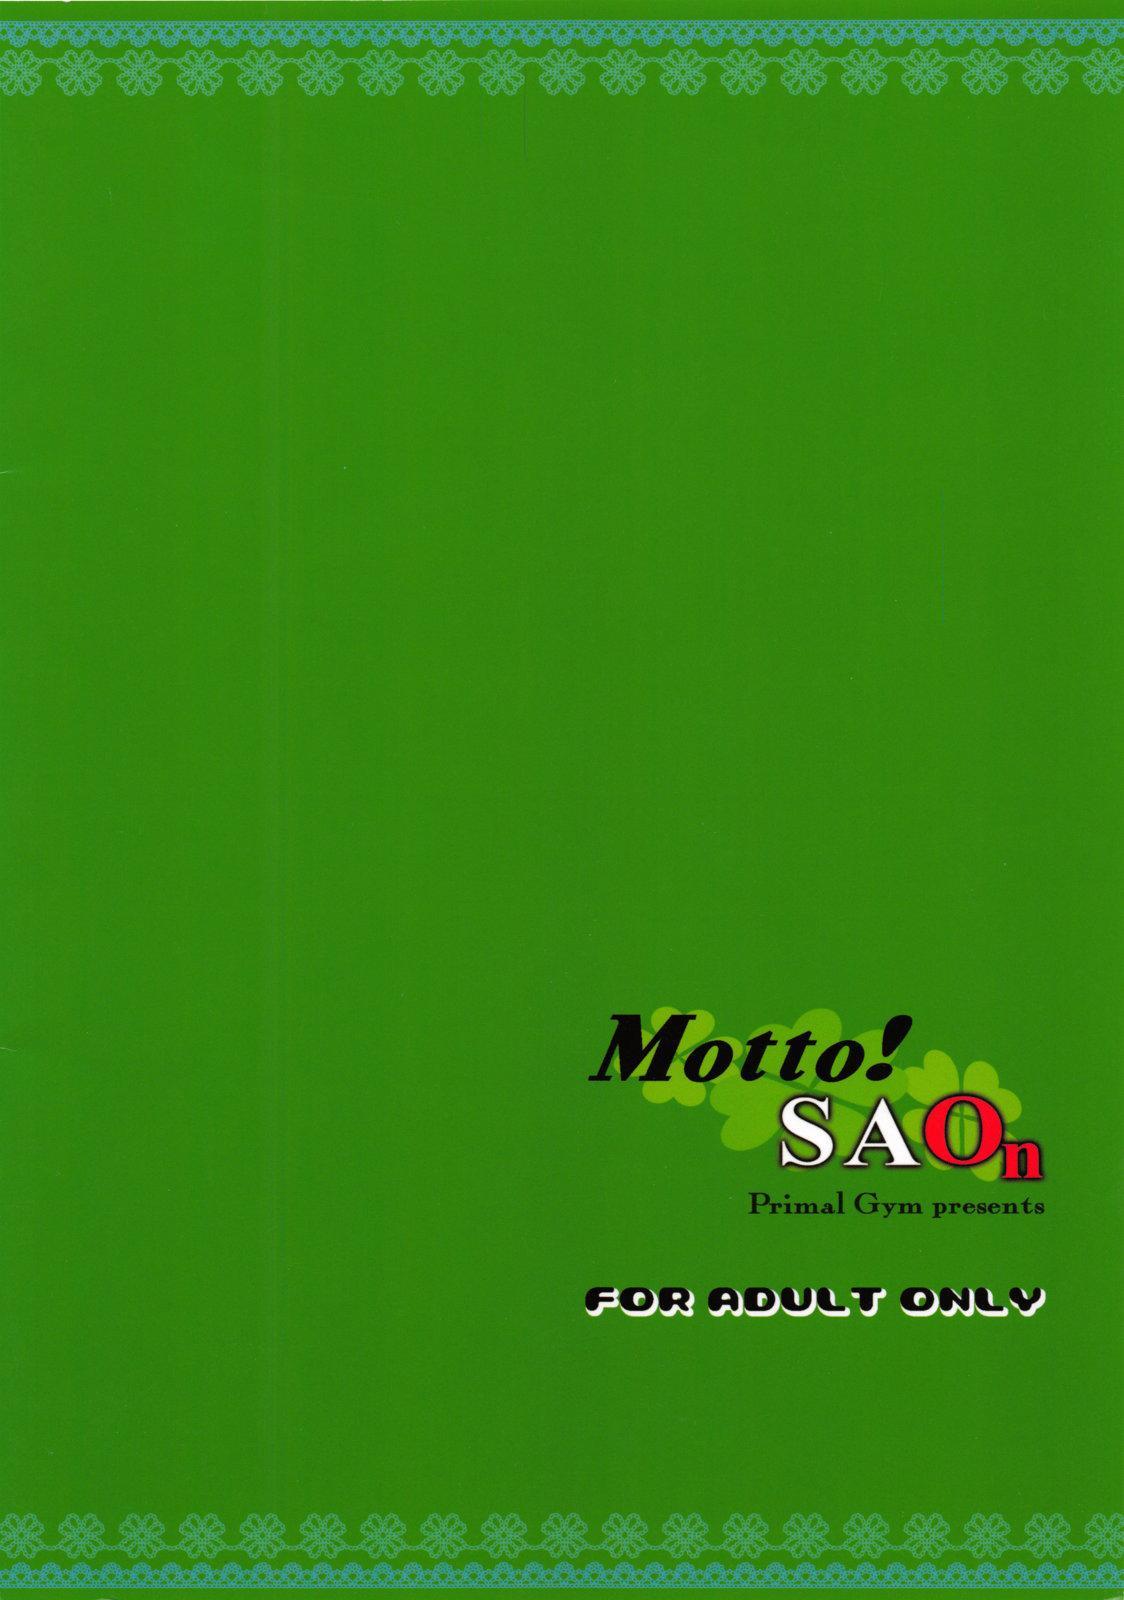 Motto!SAOn | More!SAOn 21